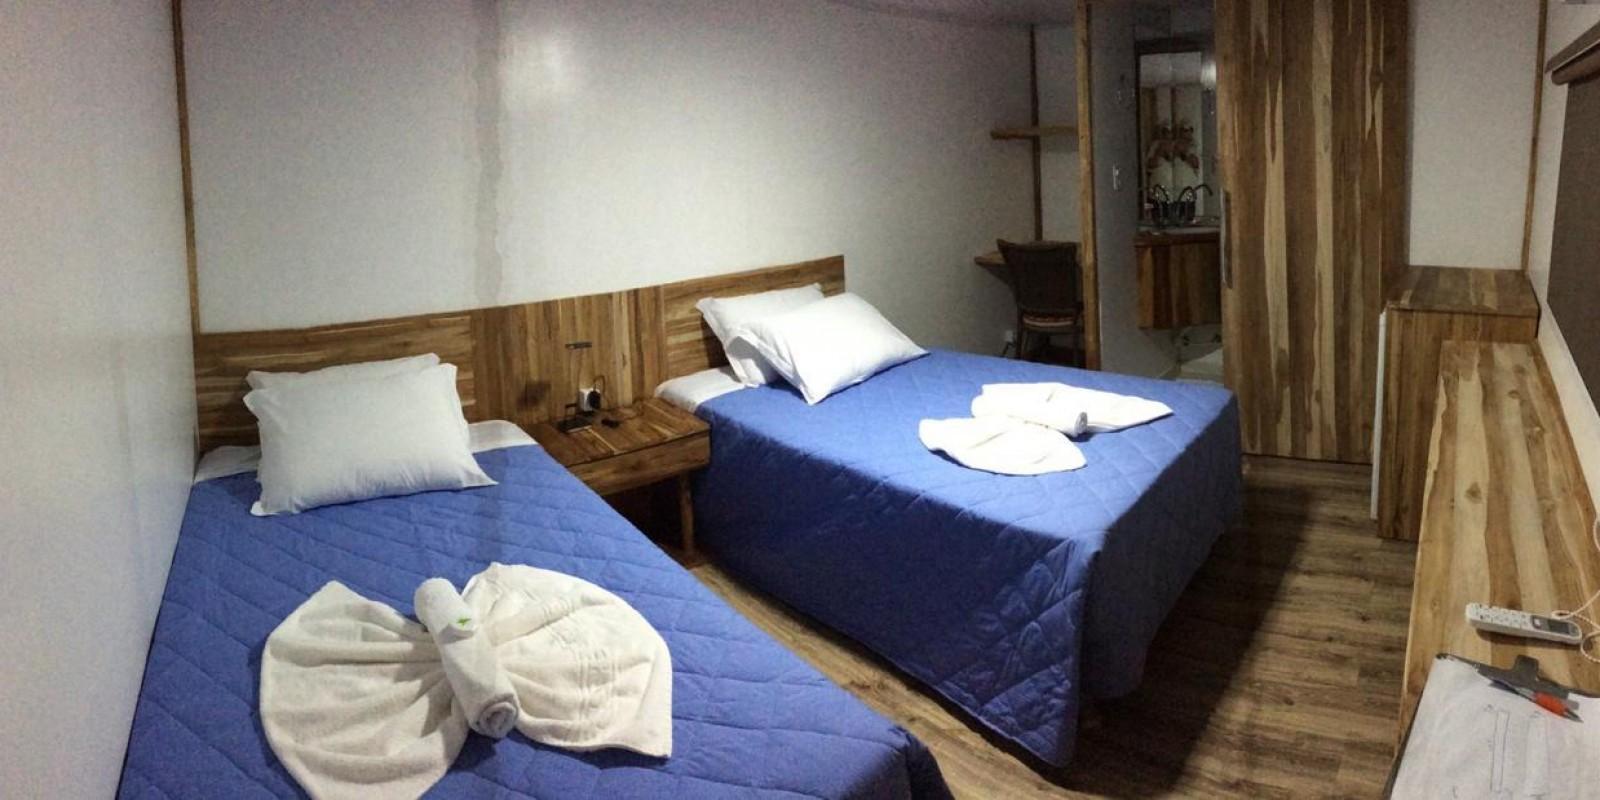 Barco Hotel Panorâmico - P. Cercado 36 pessoas - Foto 12 de 13